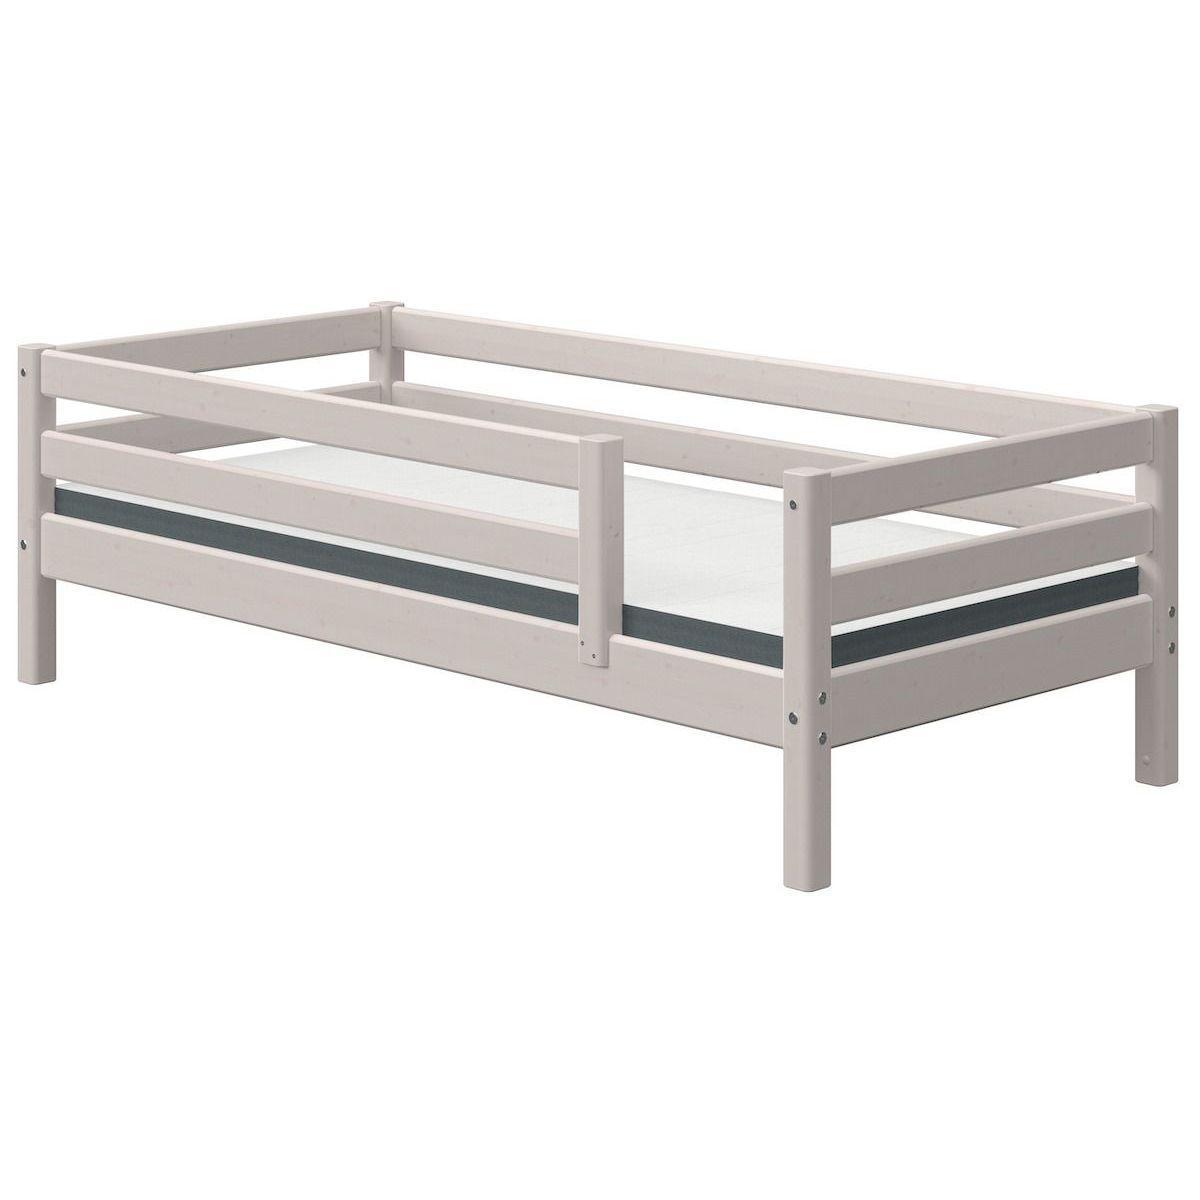 Tagesbett 90x200cm Absturzsicherung CLASSIC Flexa grey washed